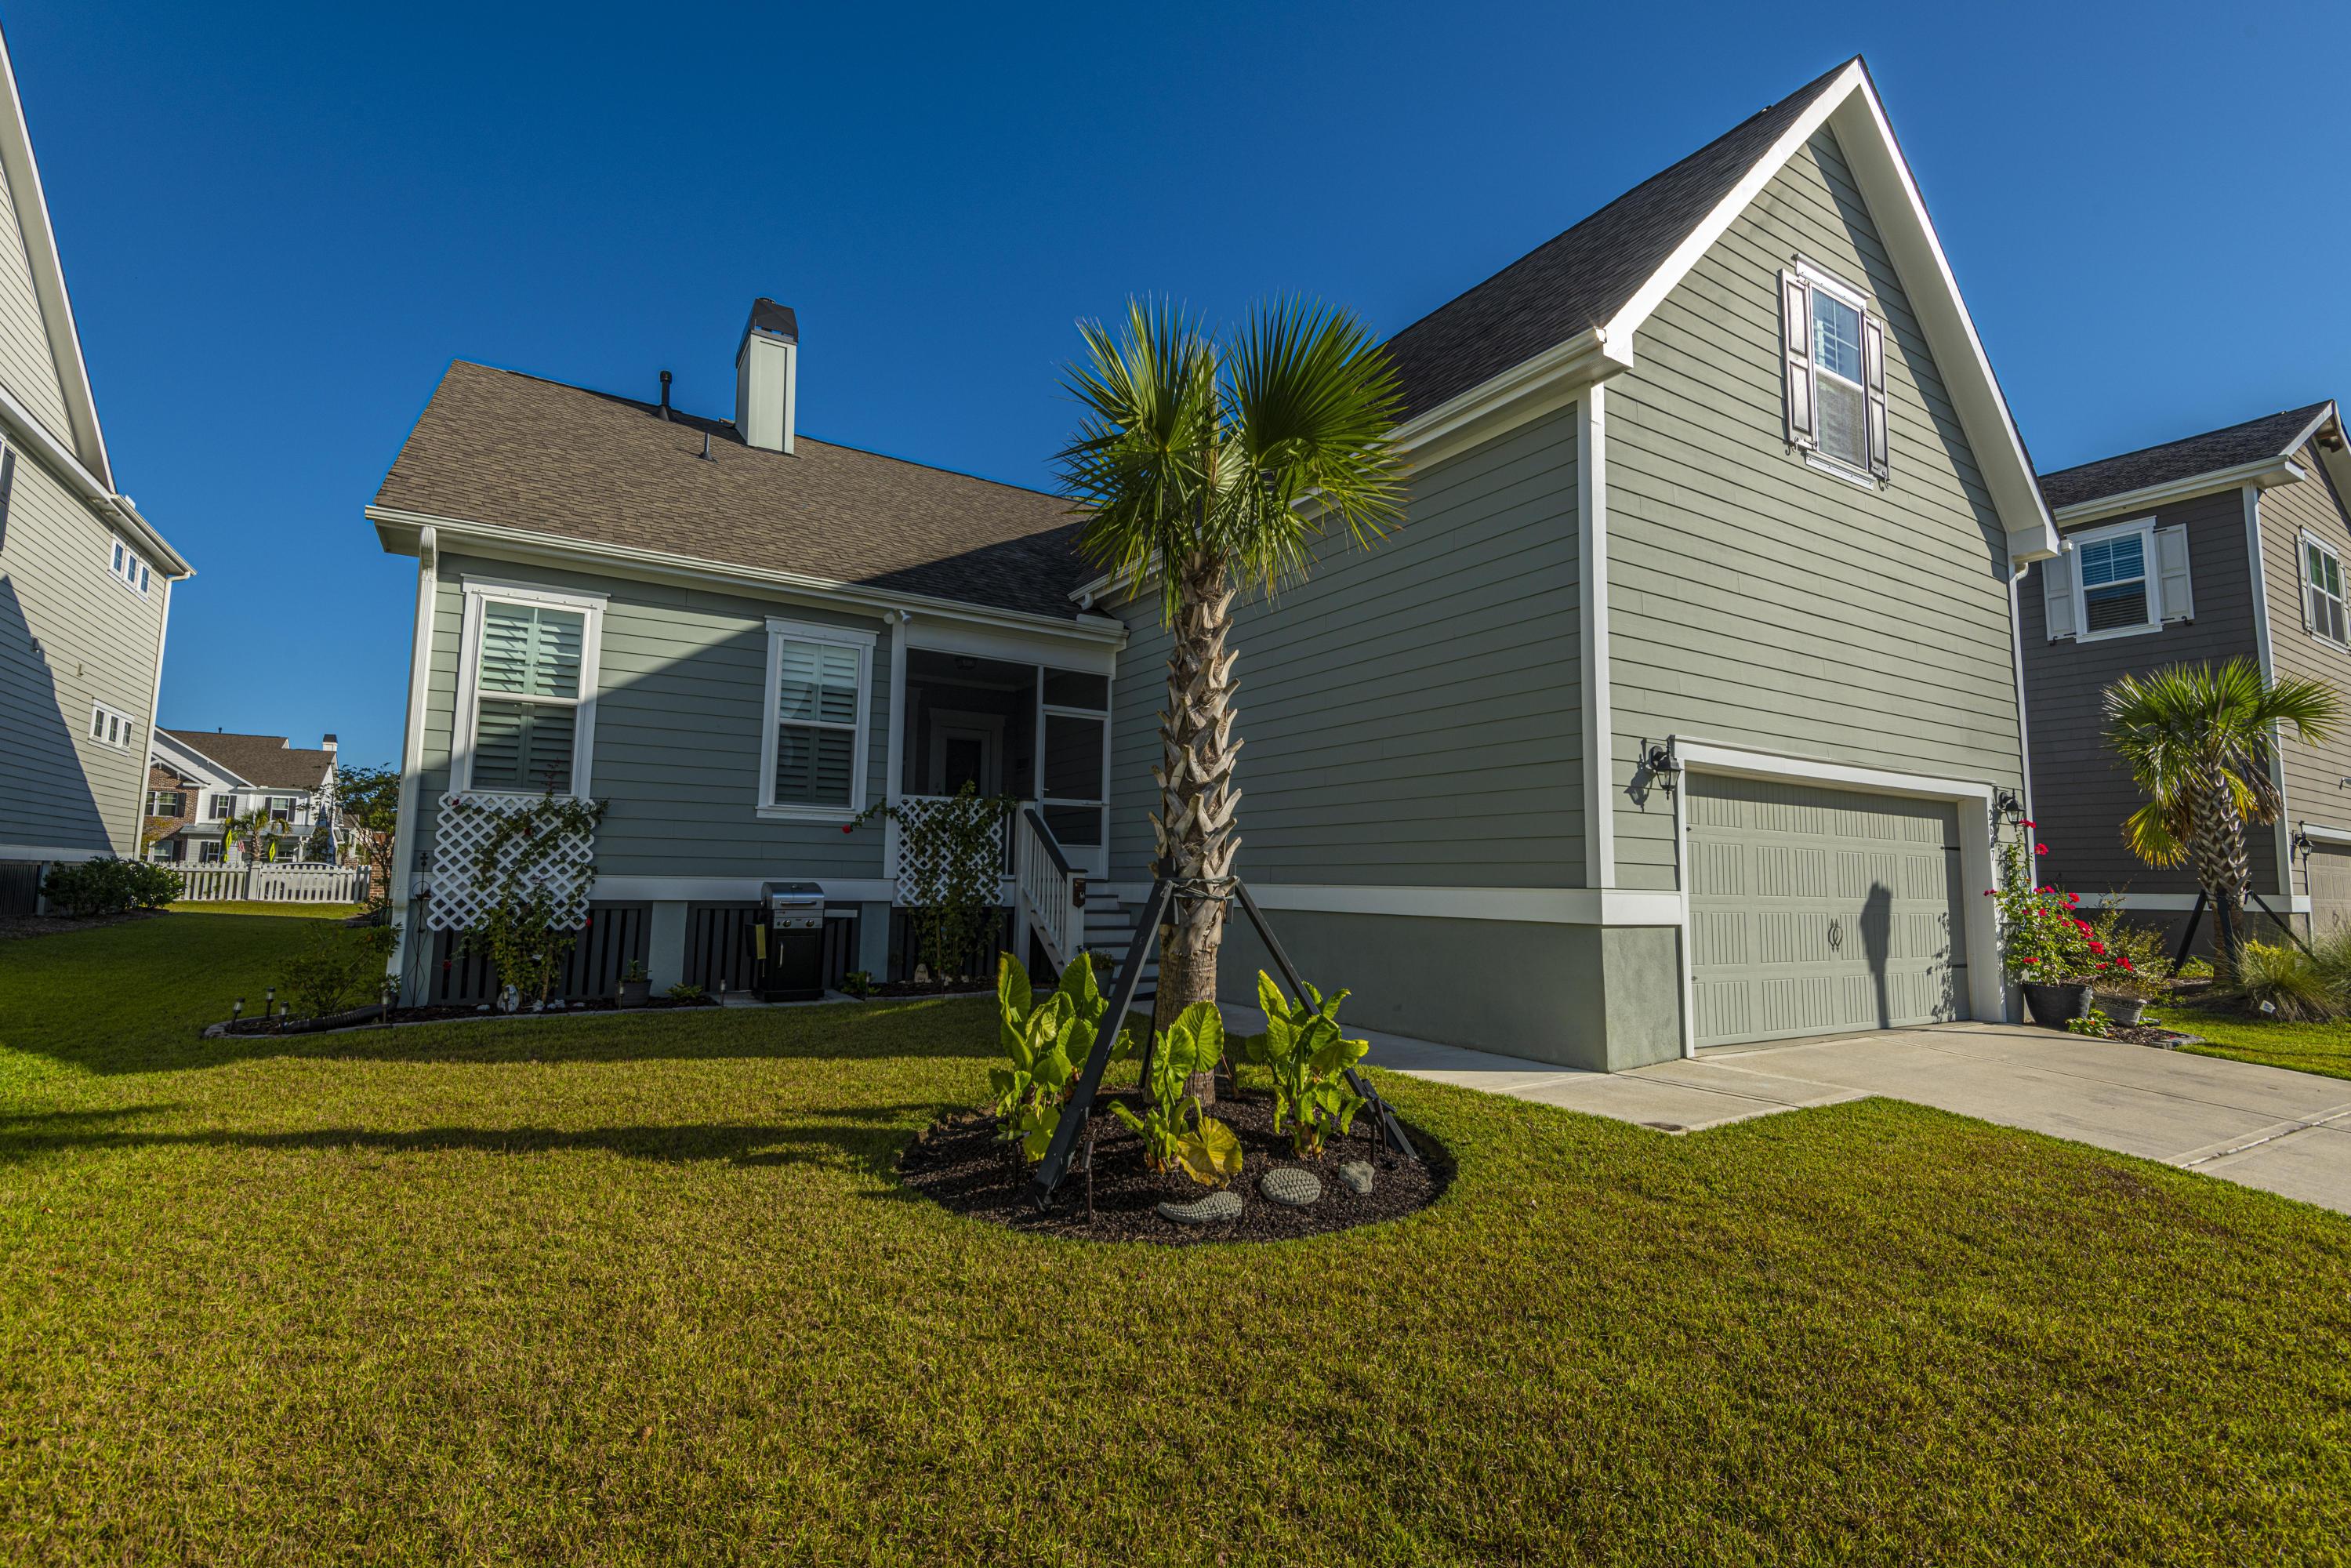 Park West Homes For Sale - 2667 Park West, Mount Pleasant, SC - 12